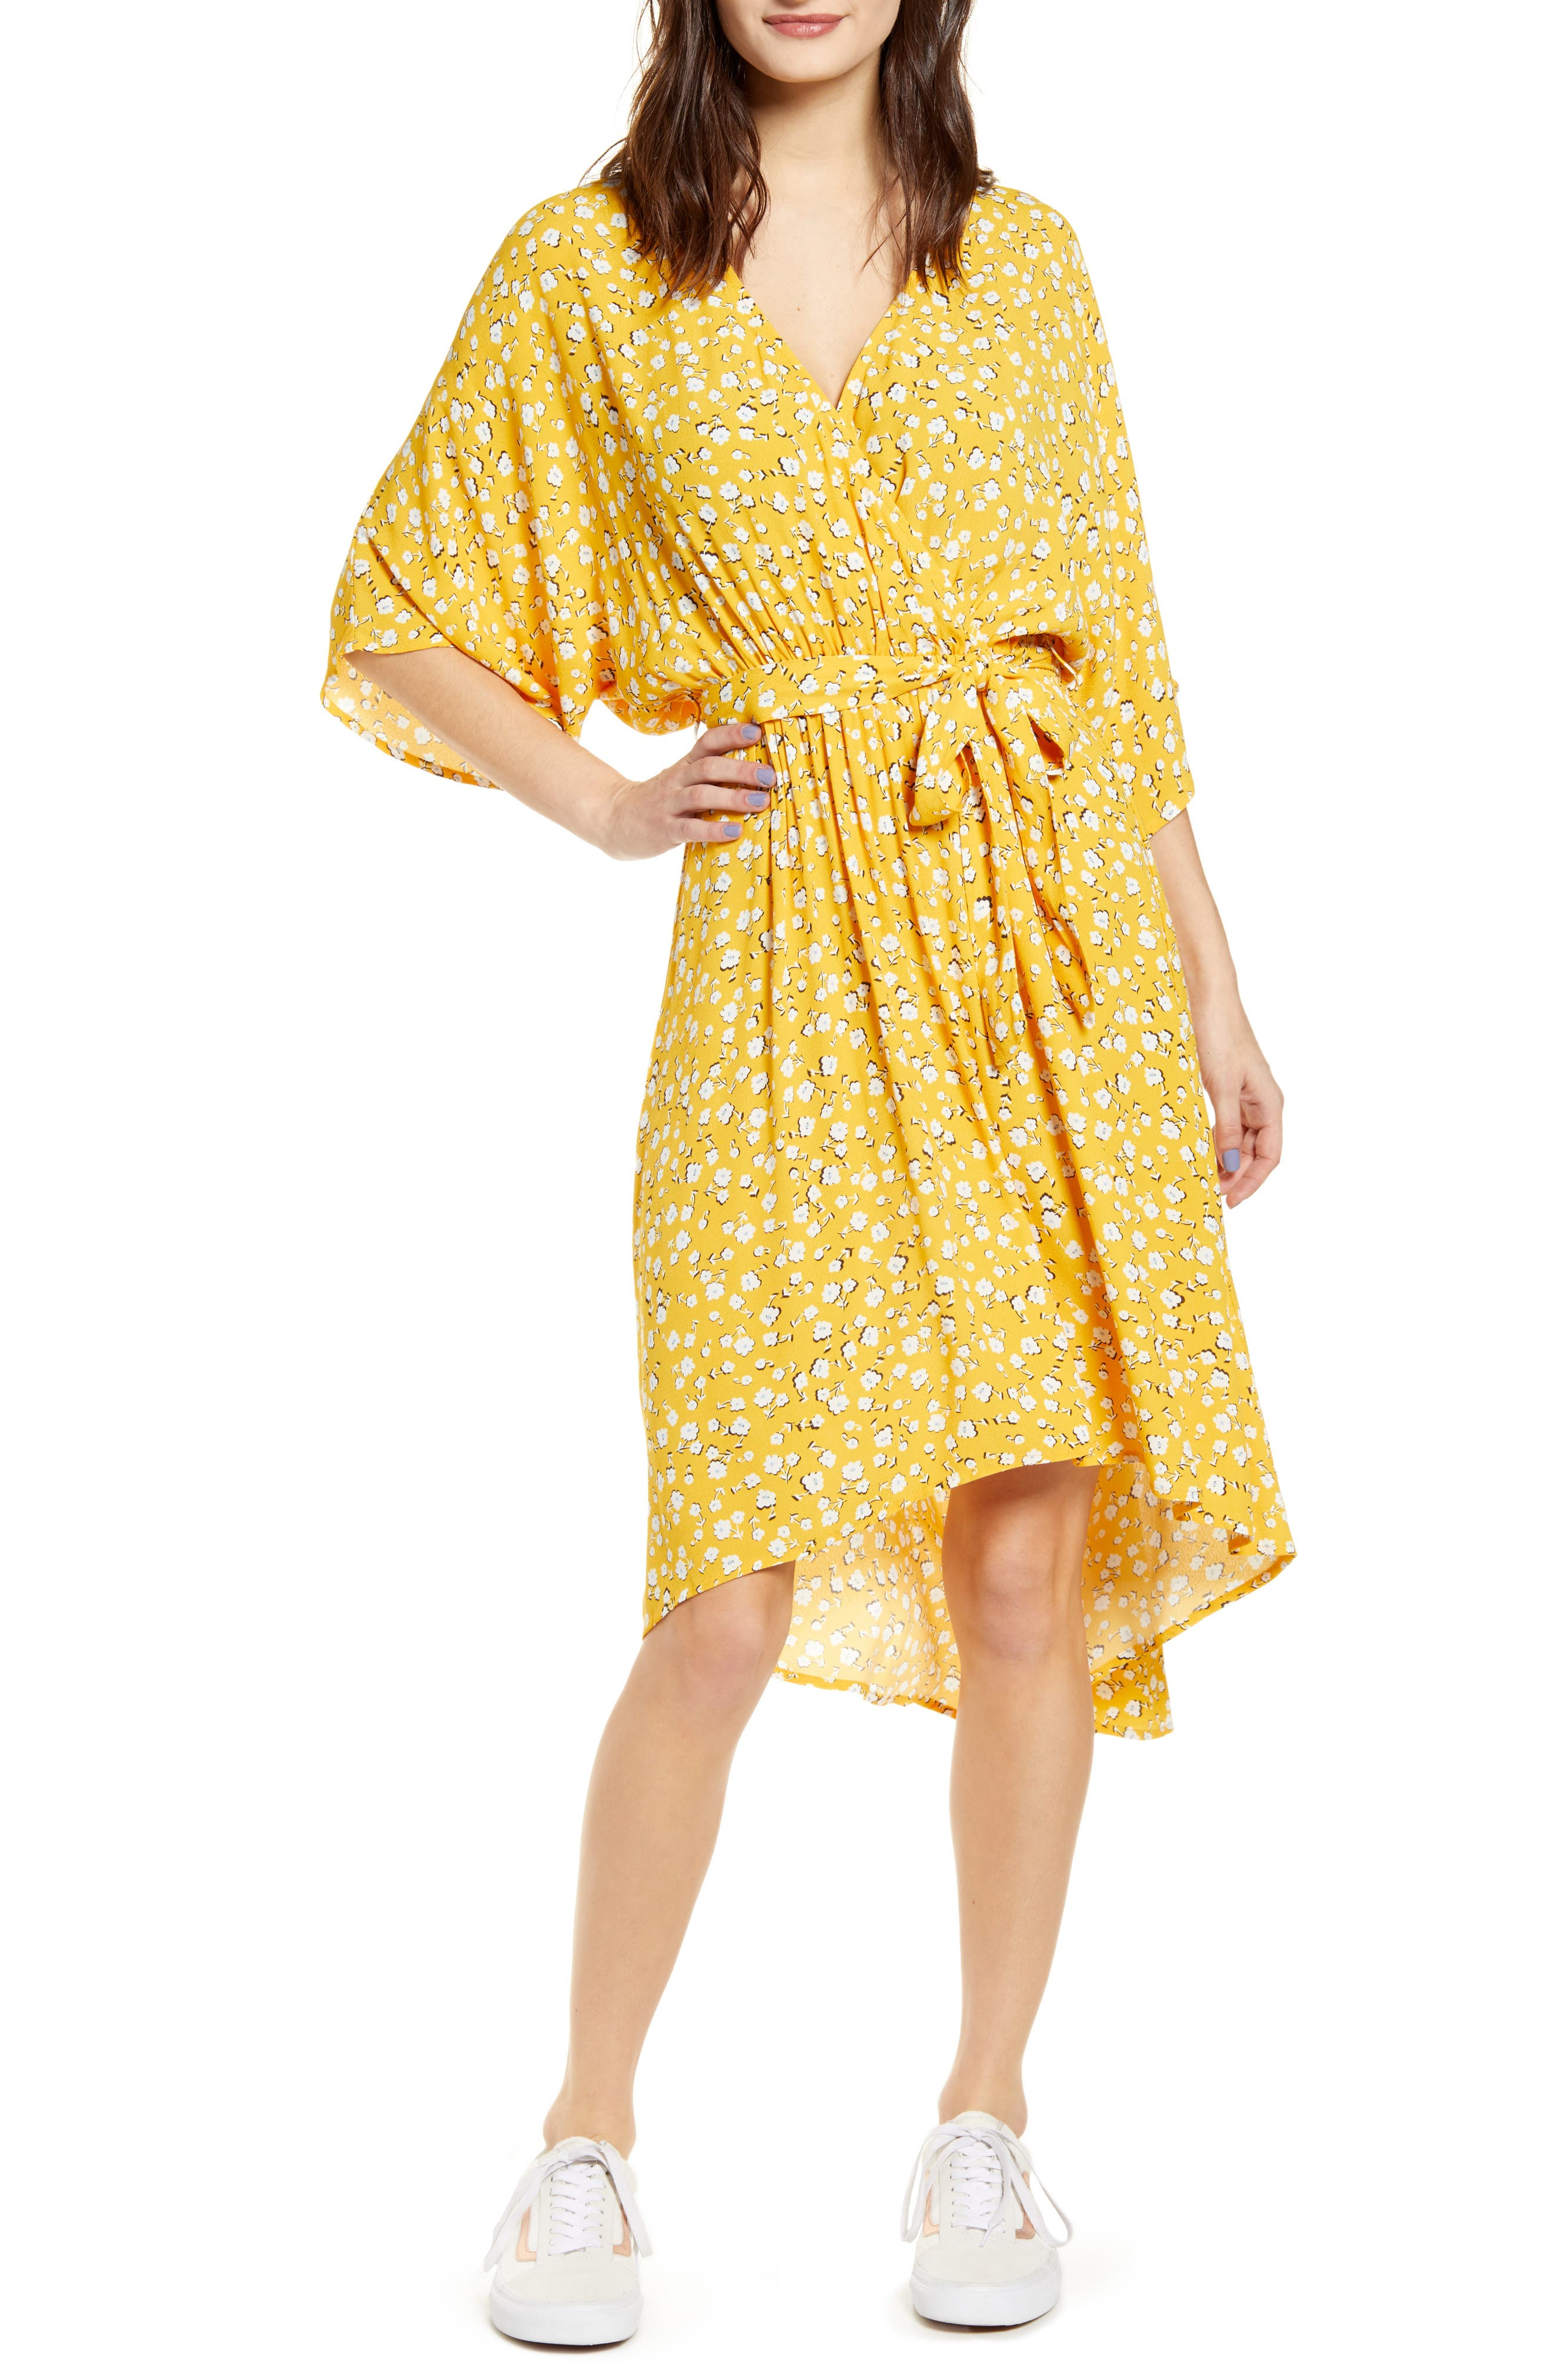 Minkpink Summer Daisy High/low Dress, Yellow